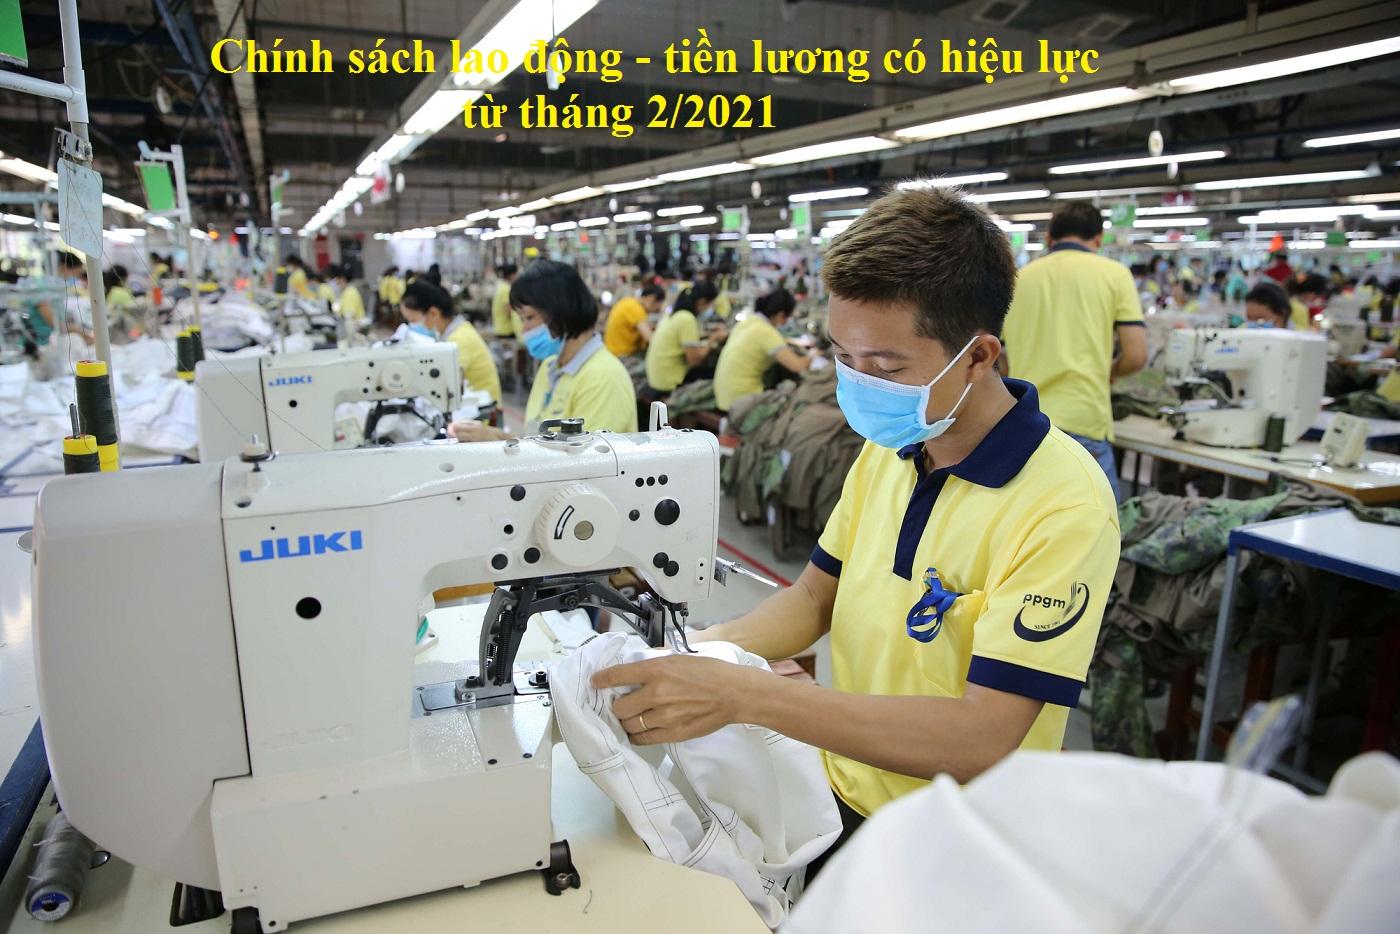 chinh sach tien luong - Chính sách lao động - tiền lương có hiệu lực từ tháng 2/2021